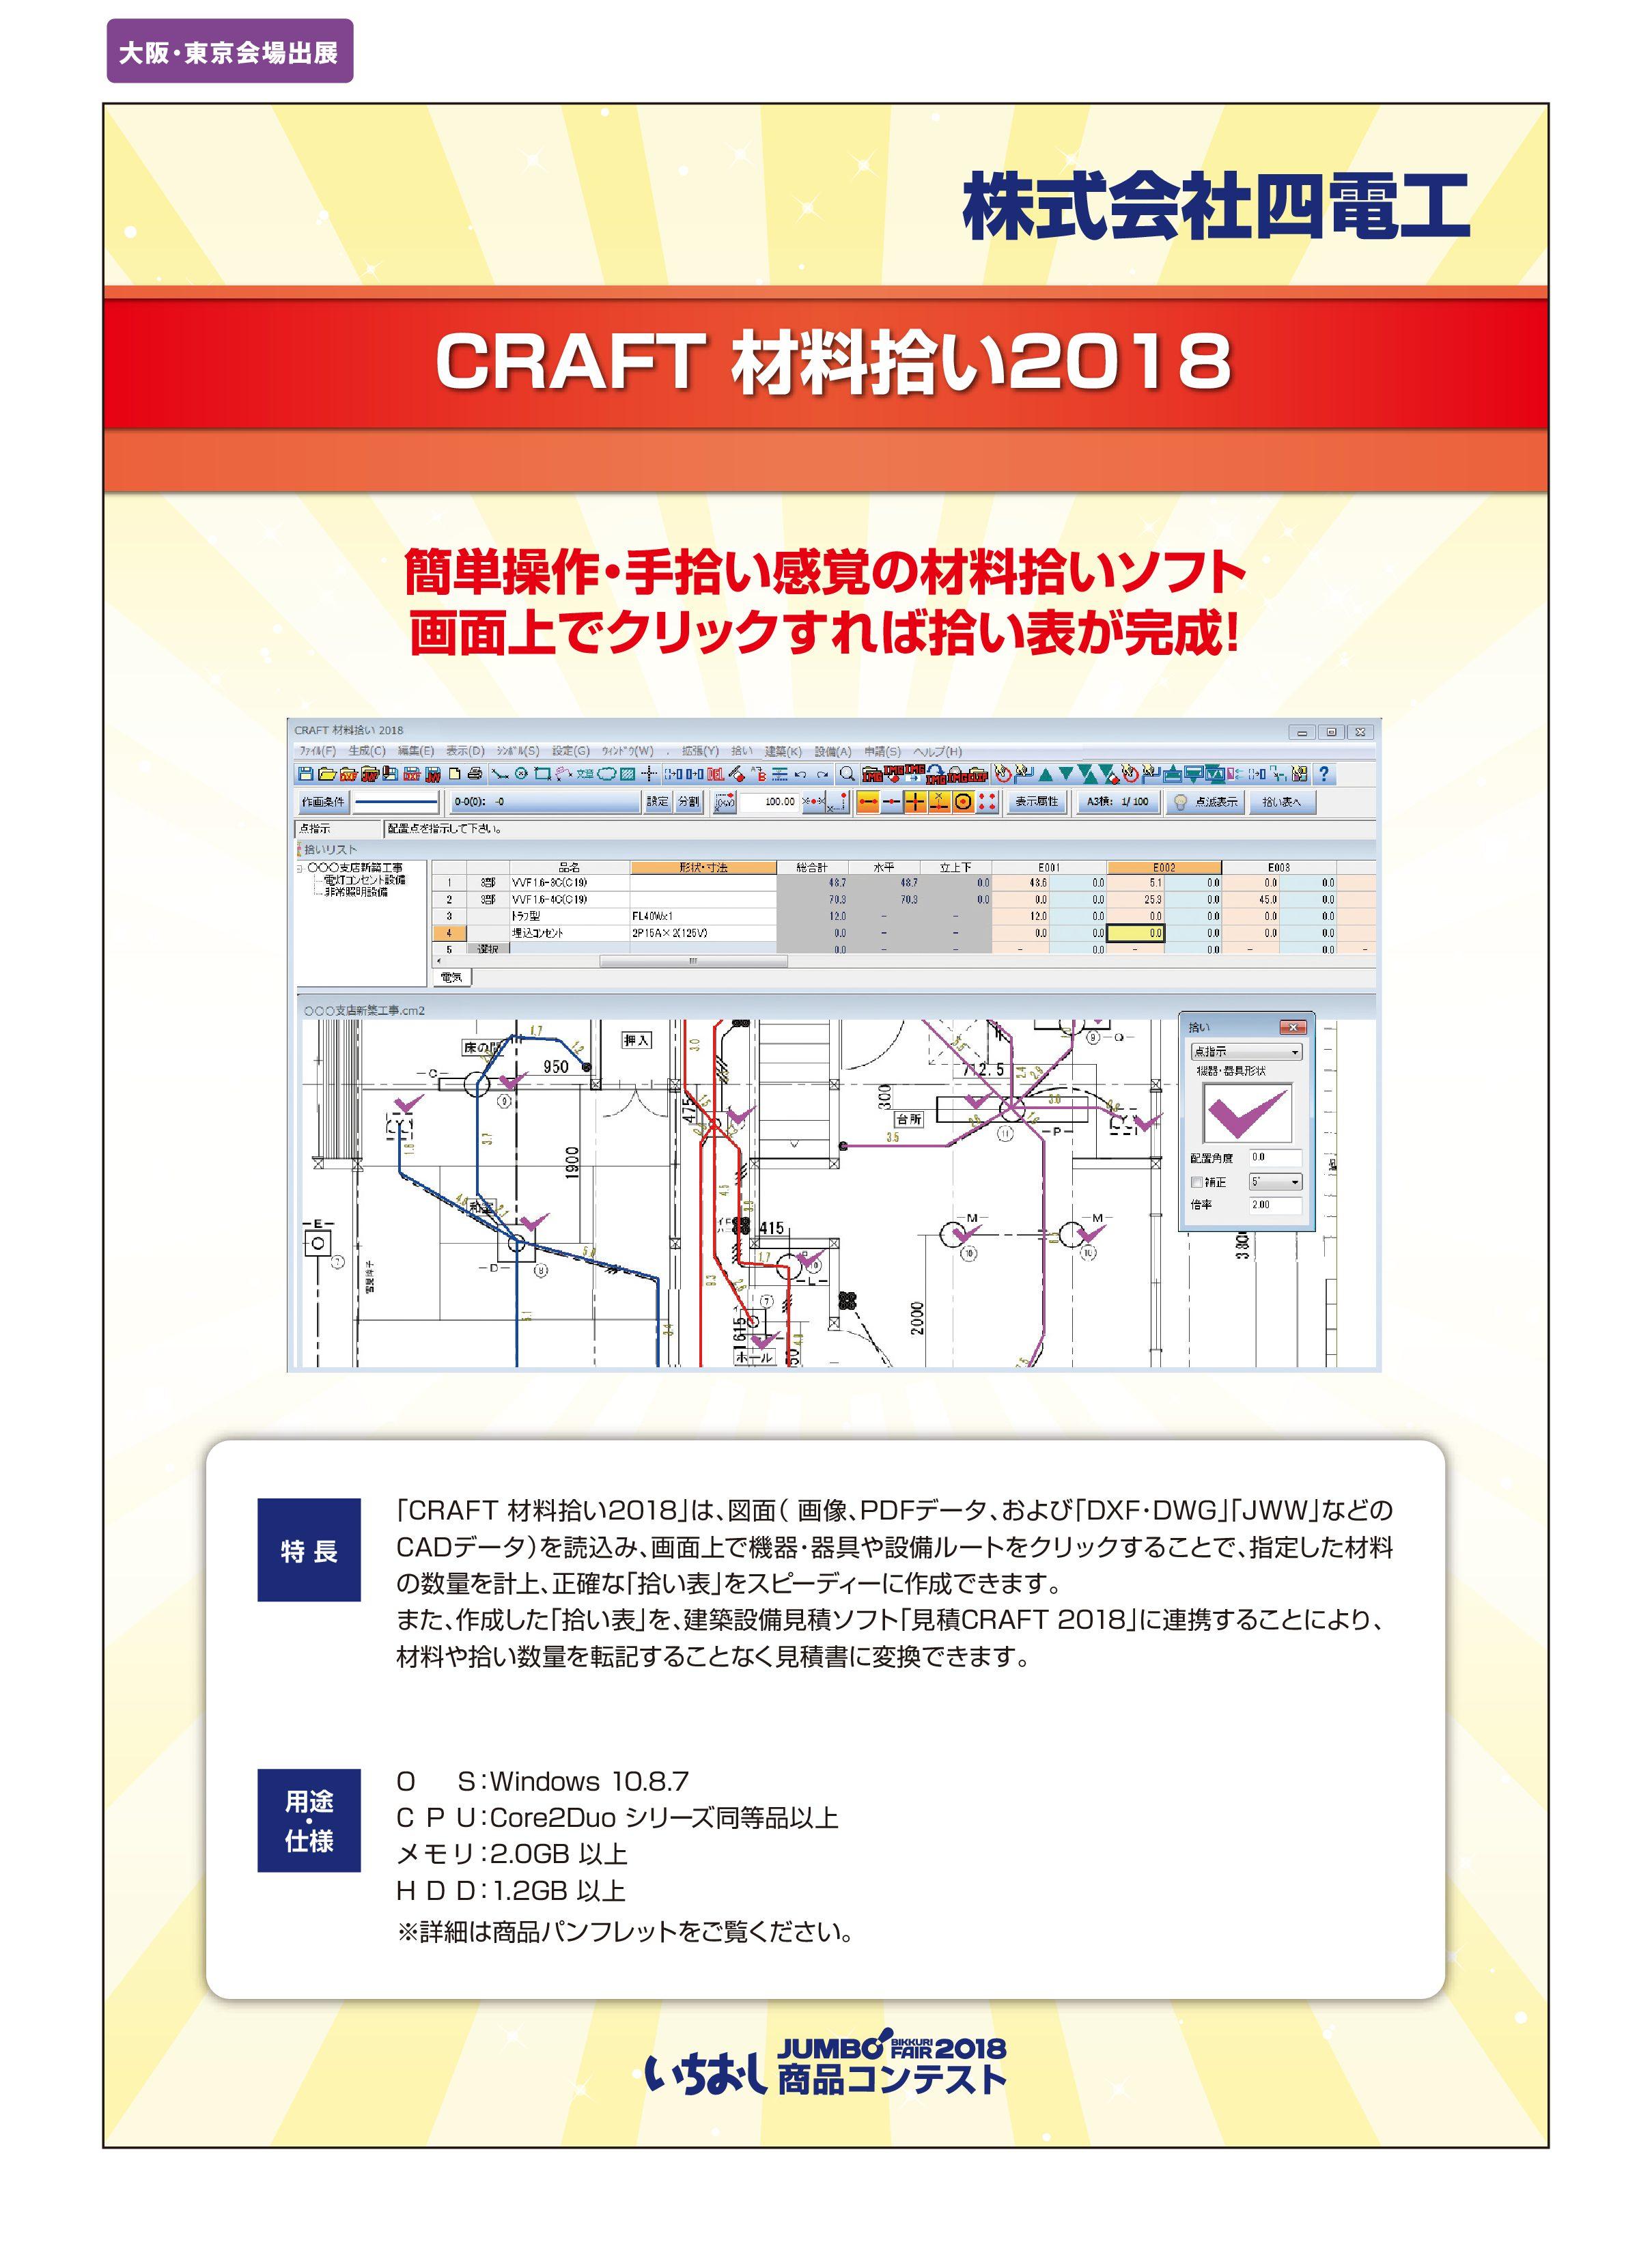 「CRAFT 材料拾い2018」株式会社四電工の画像